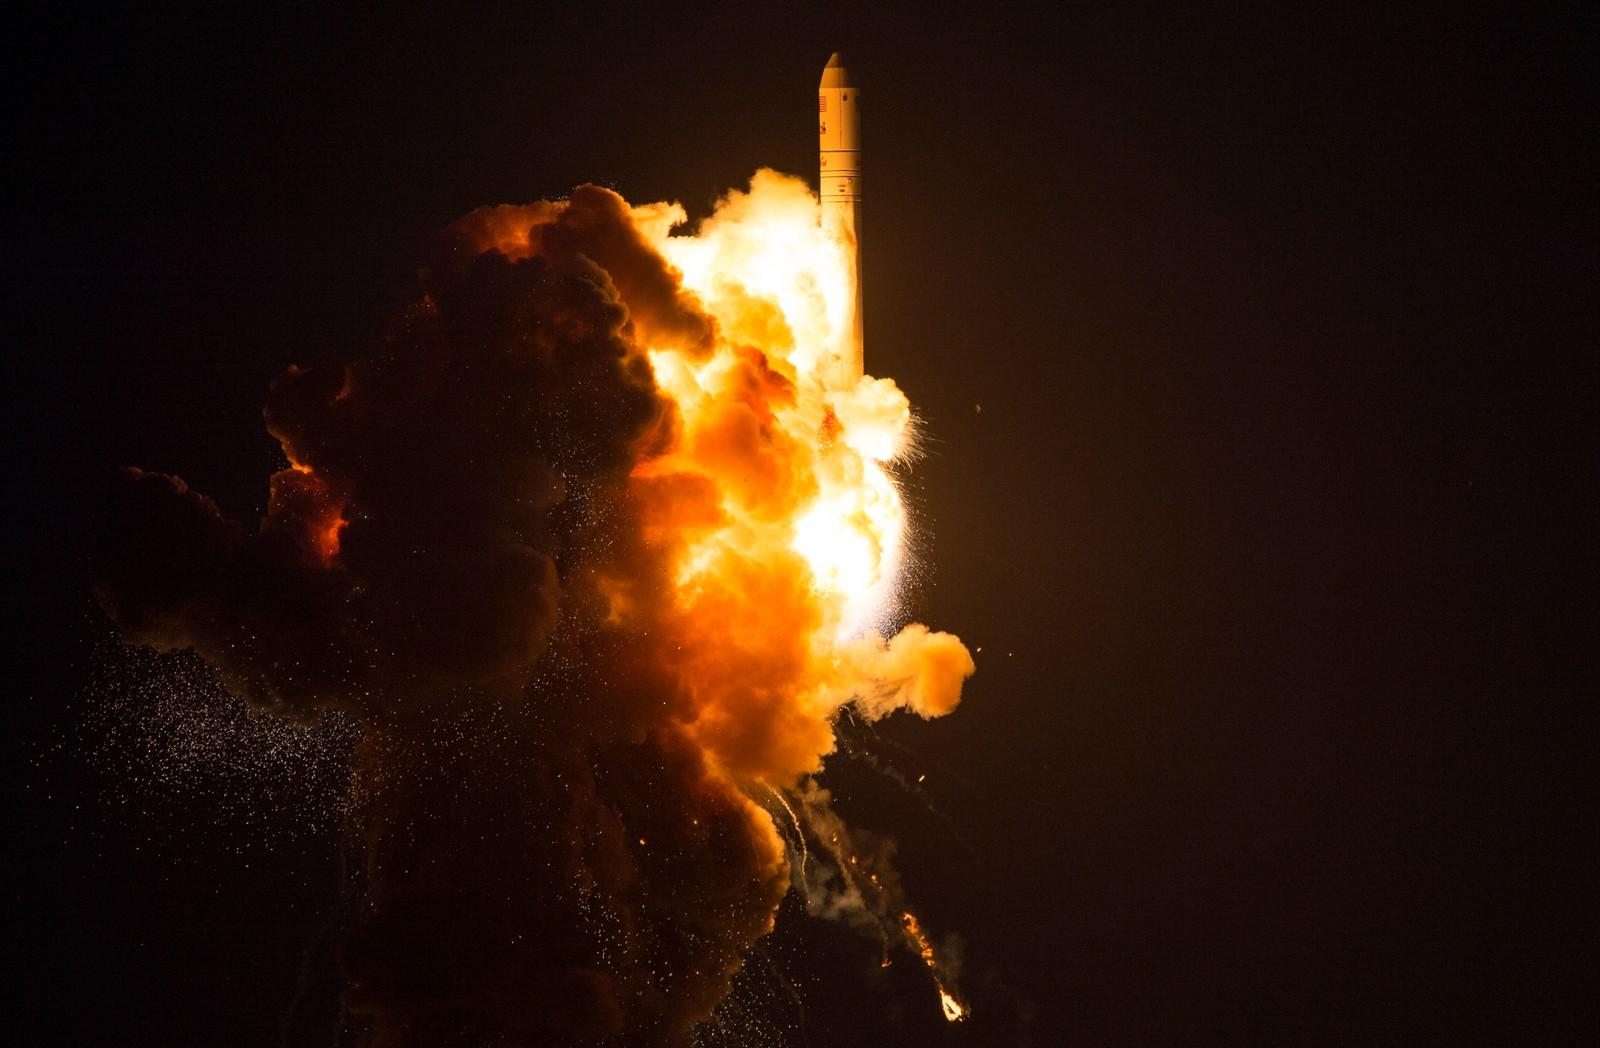 Flammene fra det brennende drivstoffet begynner å omhylle raketten.